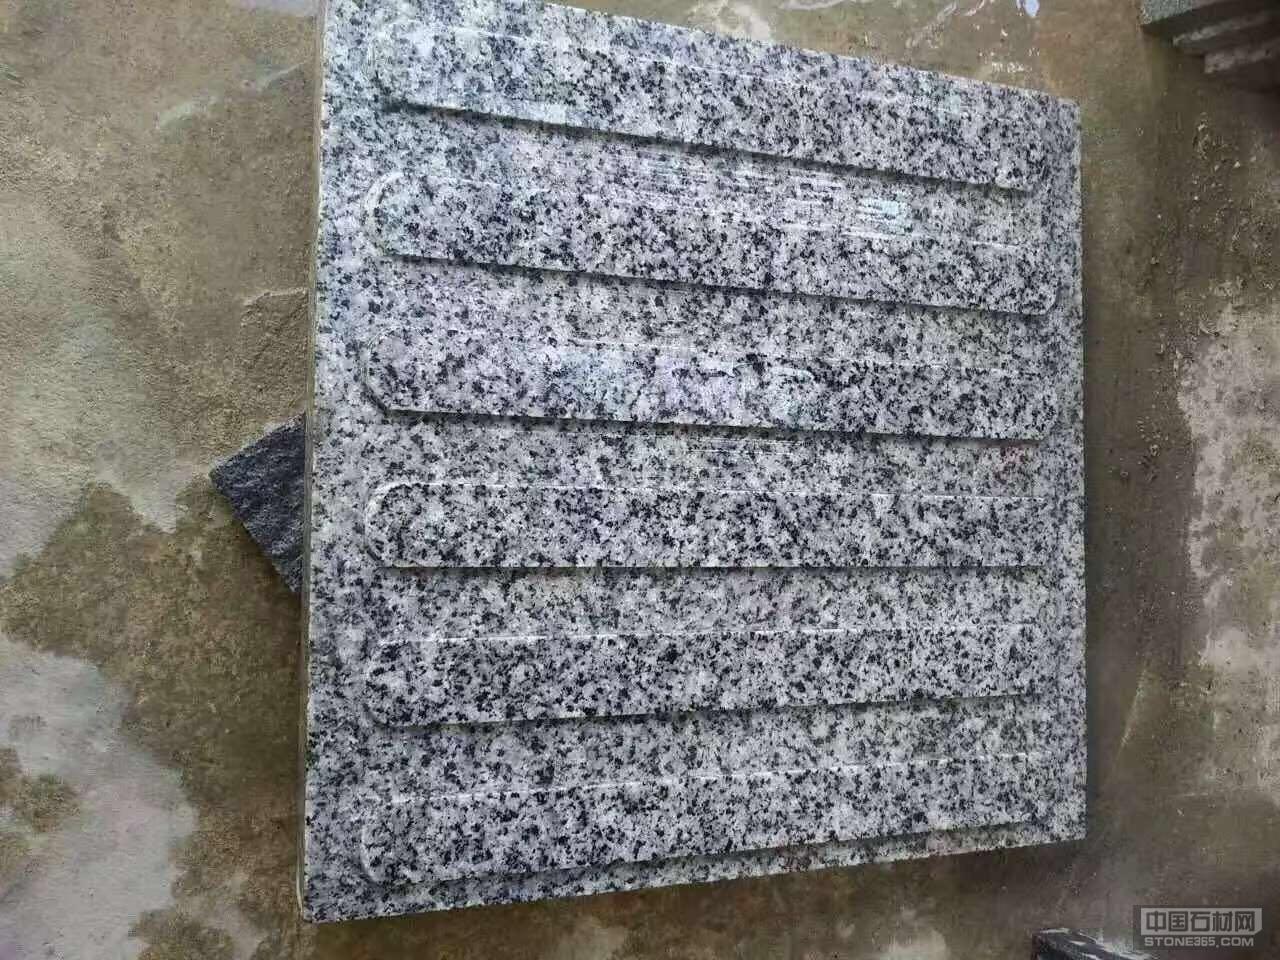 芝麻灰盲道石